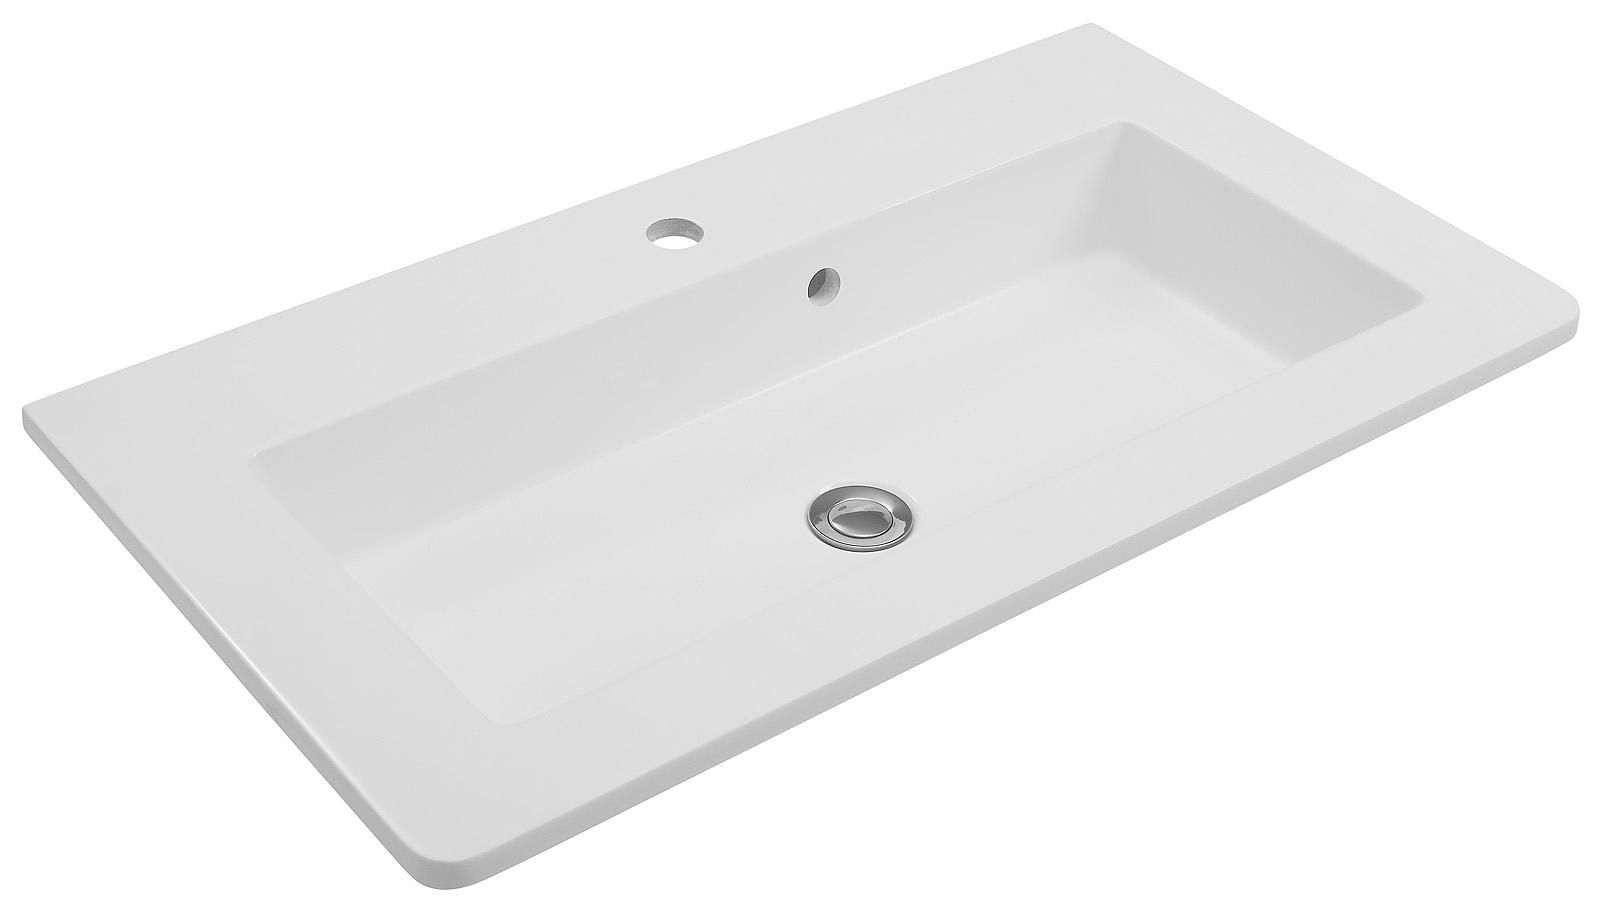 waschbeckenunterschrank gloria in wei mit waschbecken unterschrank bad badm bel ebay. Black Bedroom Furniture Sets. Home Design Ideas